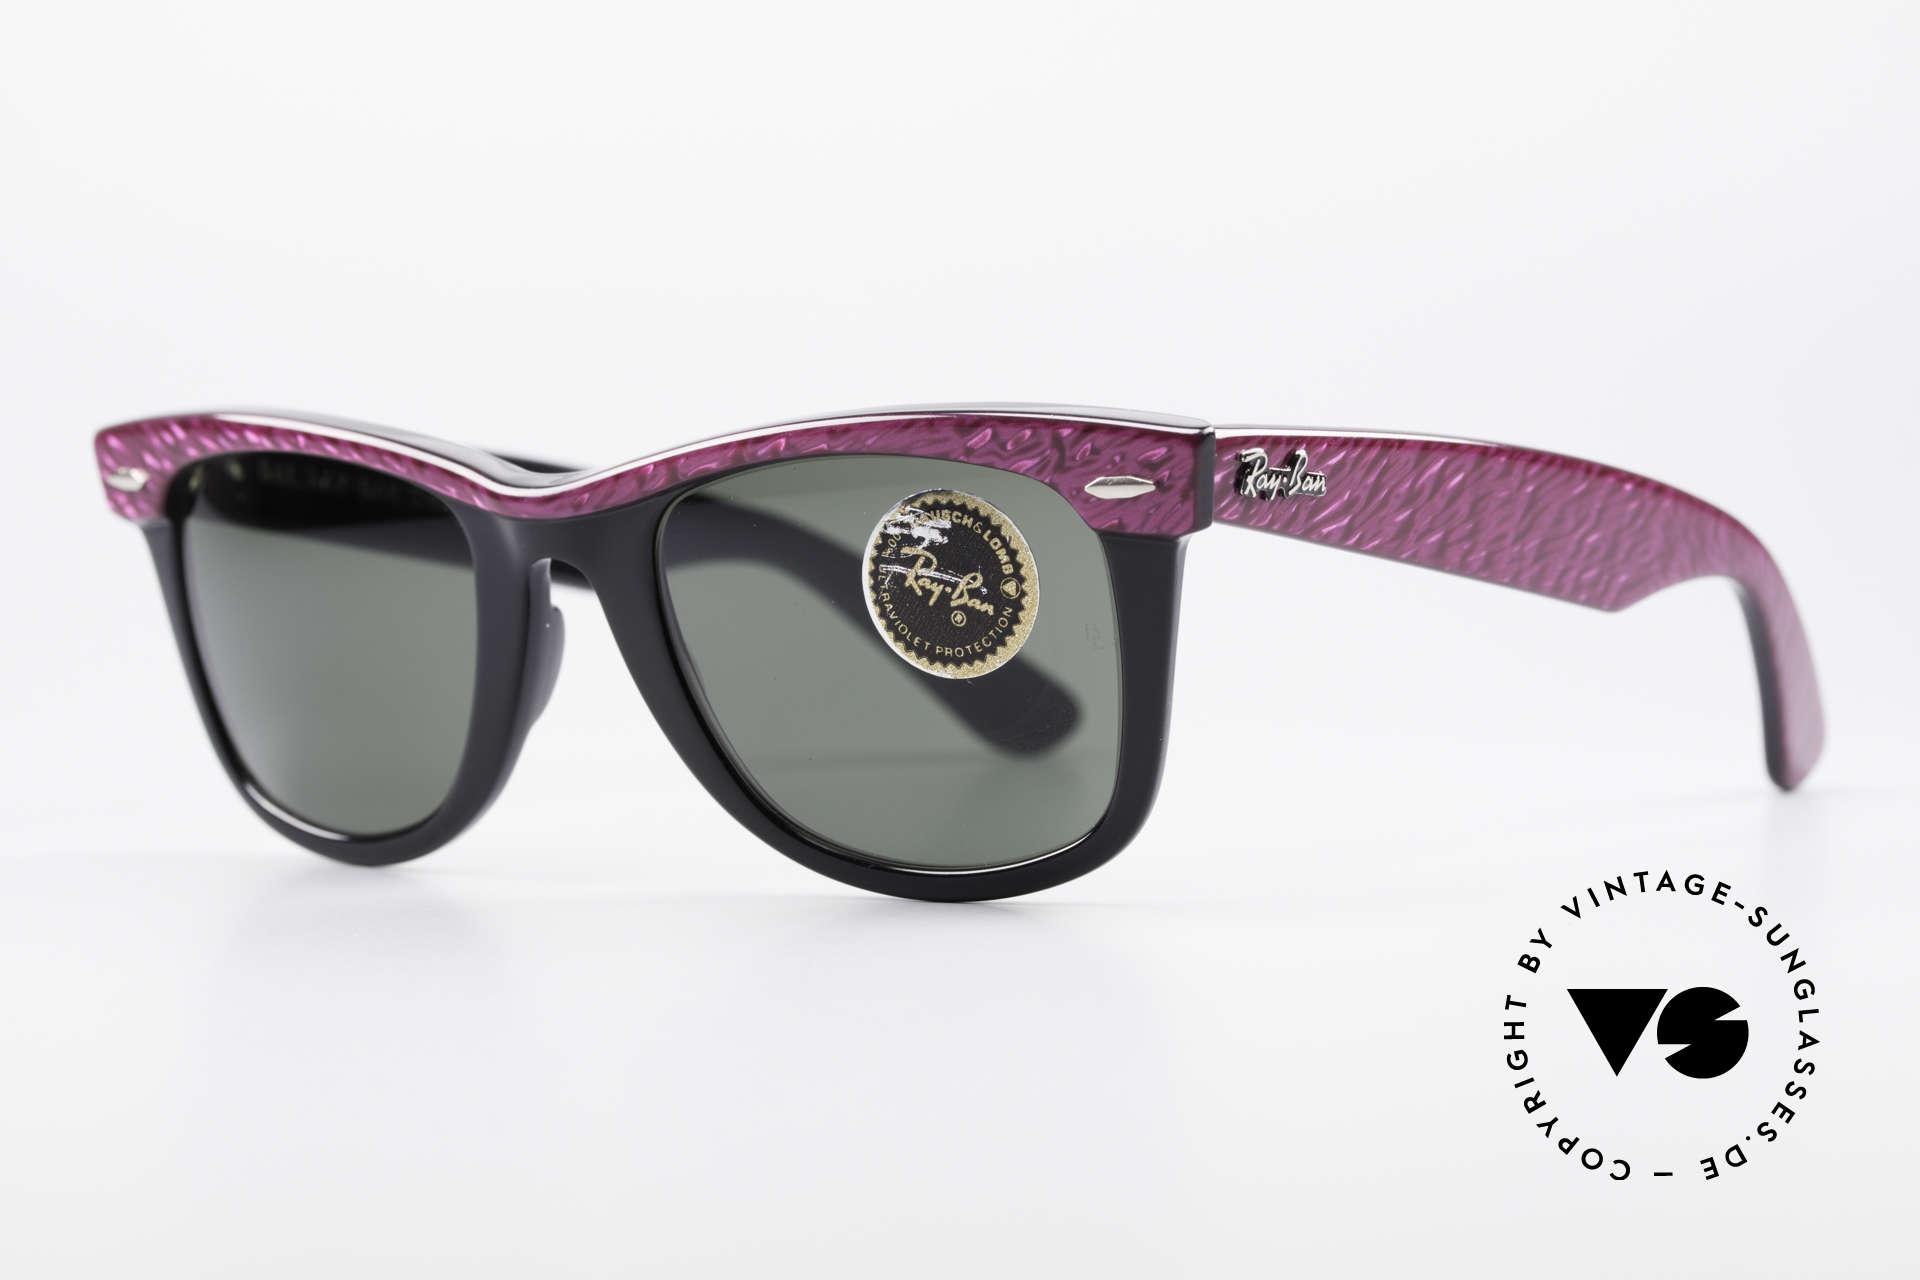 Ray Ban Wayfarer I 80er Sonnenbrille B&L USA, heute so oft kopiert und nie erreicht - (B&L USA), Passend für Damen